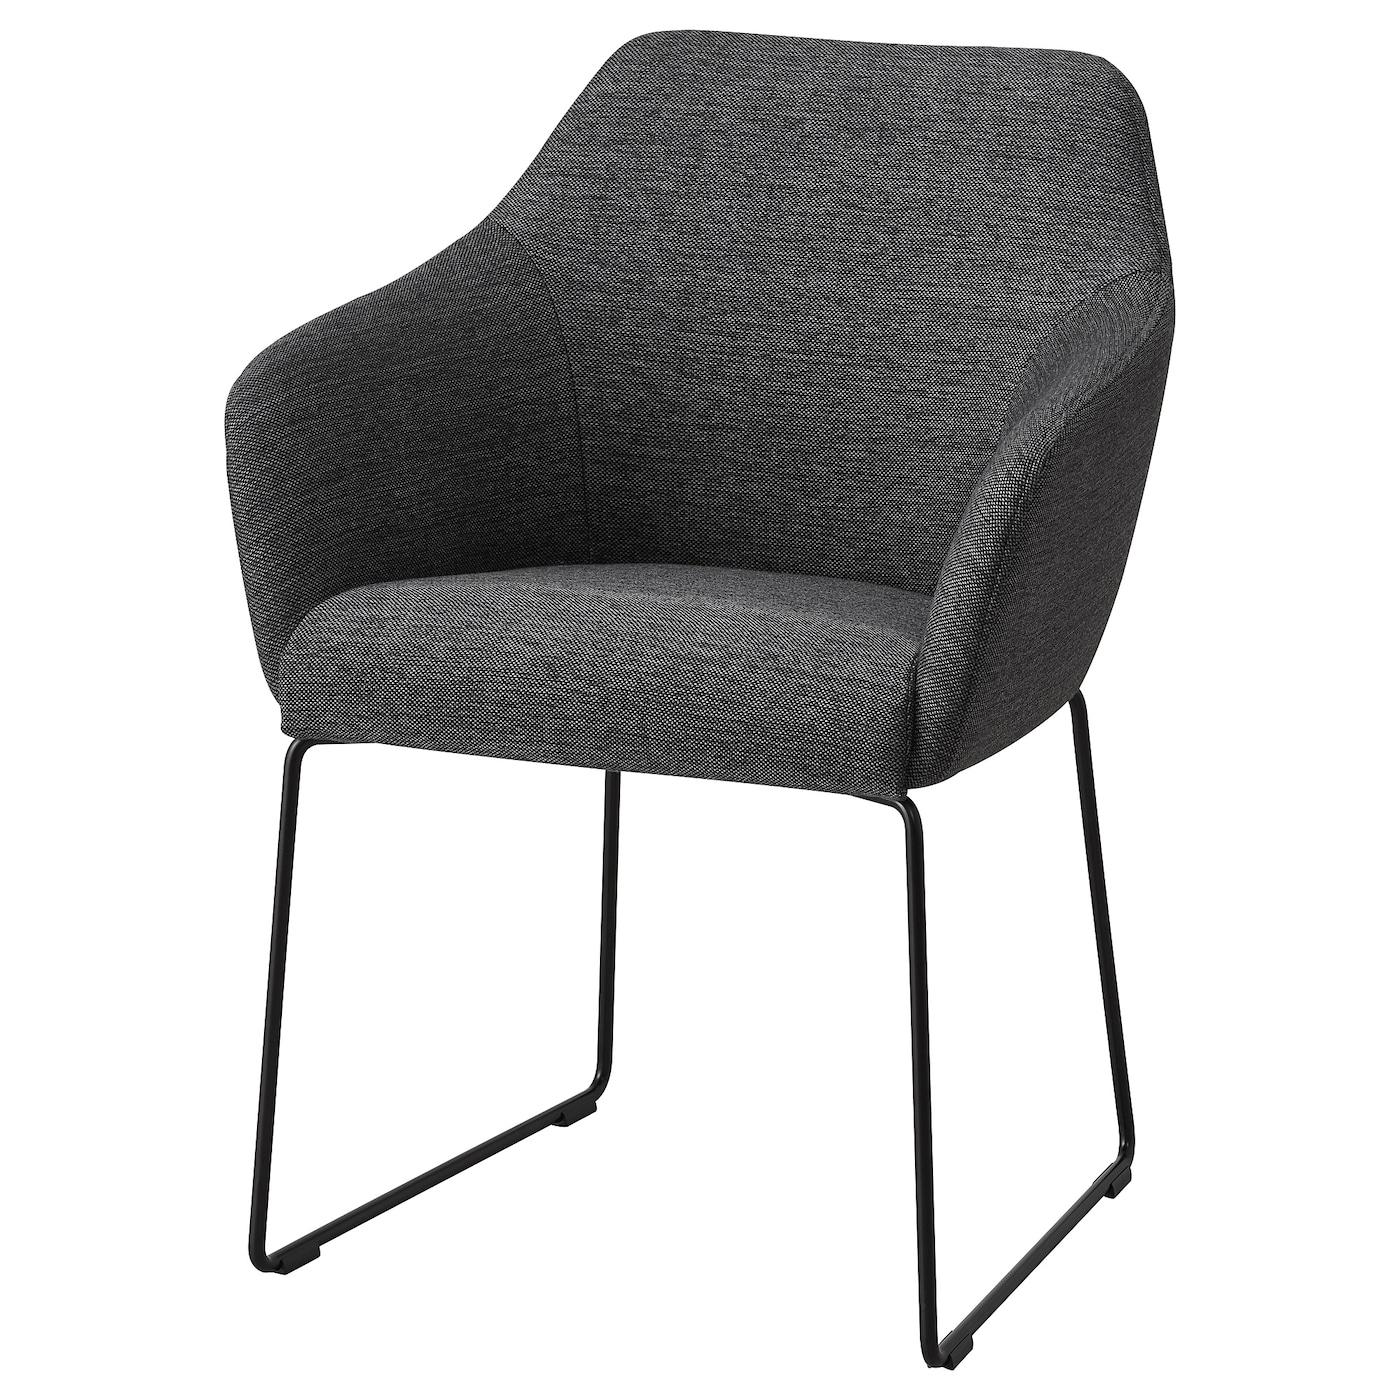 Spisestoler I Mange Design Og Utforelser Finn Din Stil Og Den Stolen Som Passer Best Til Din Spisestue Ikea